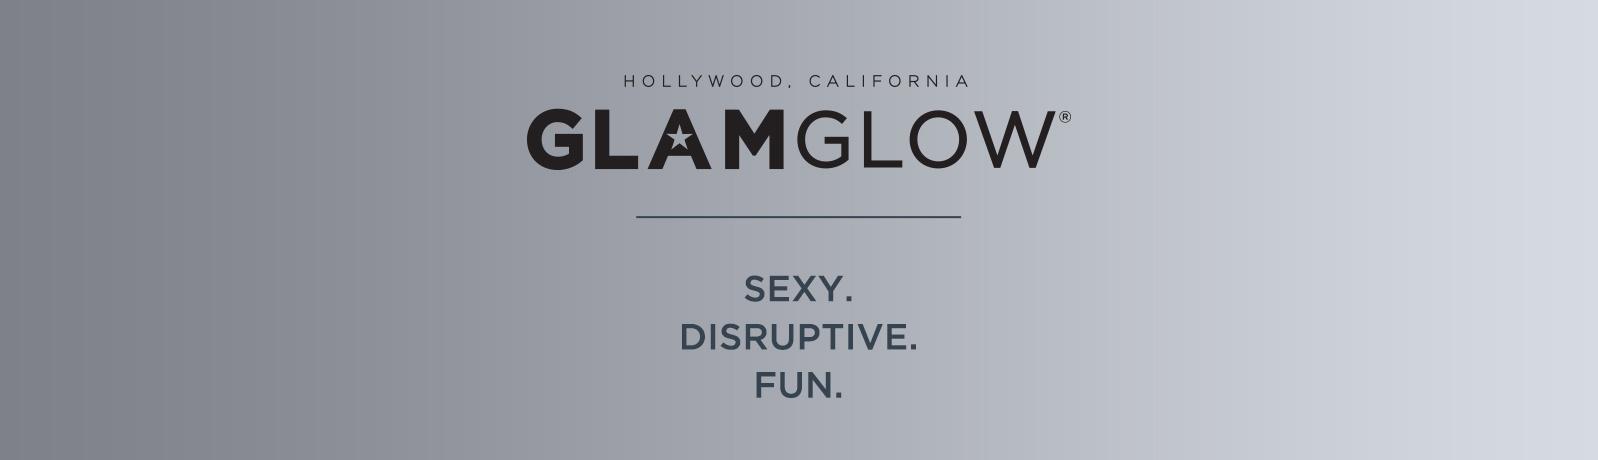 GLAMGLOW®. SEXY. DISRUPTIVE. FUN.